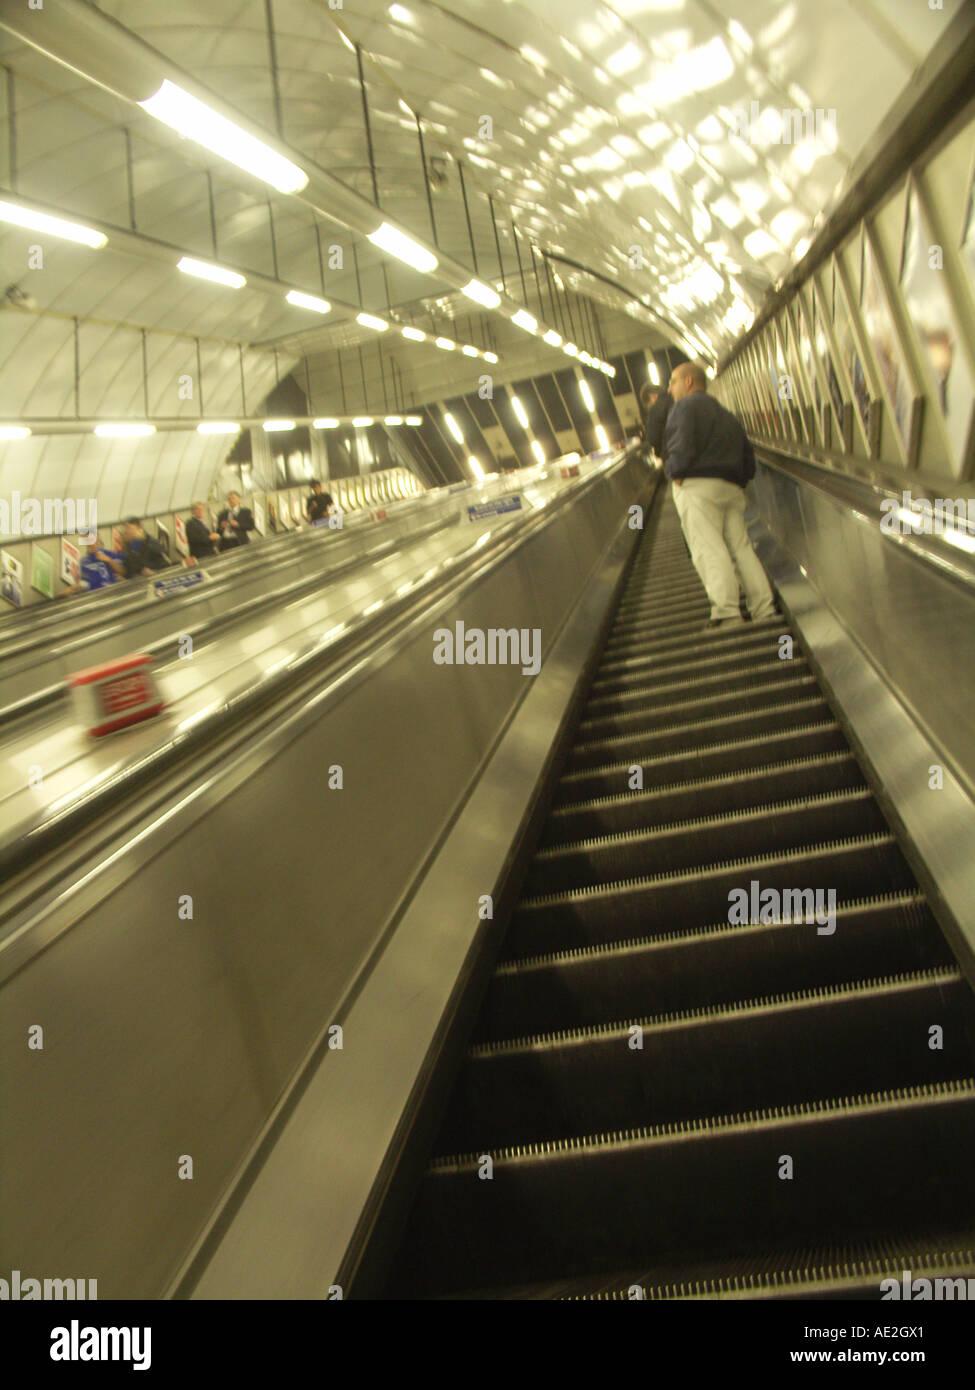 London underground tube train station England - Stock Image